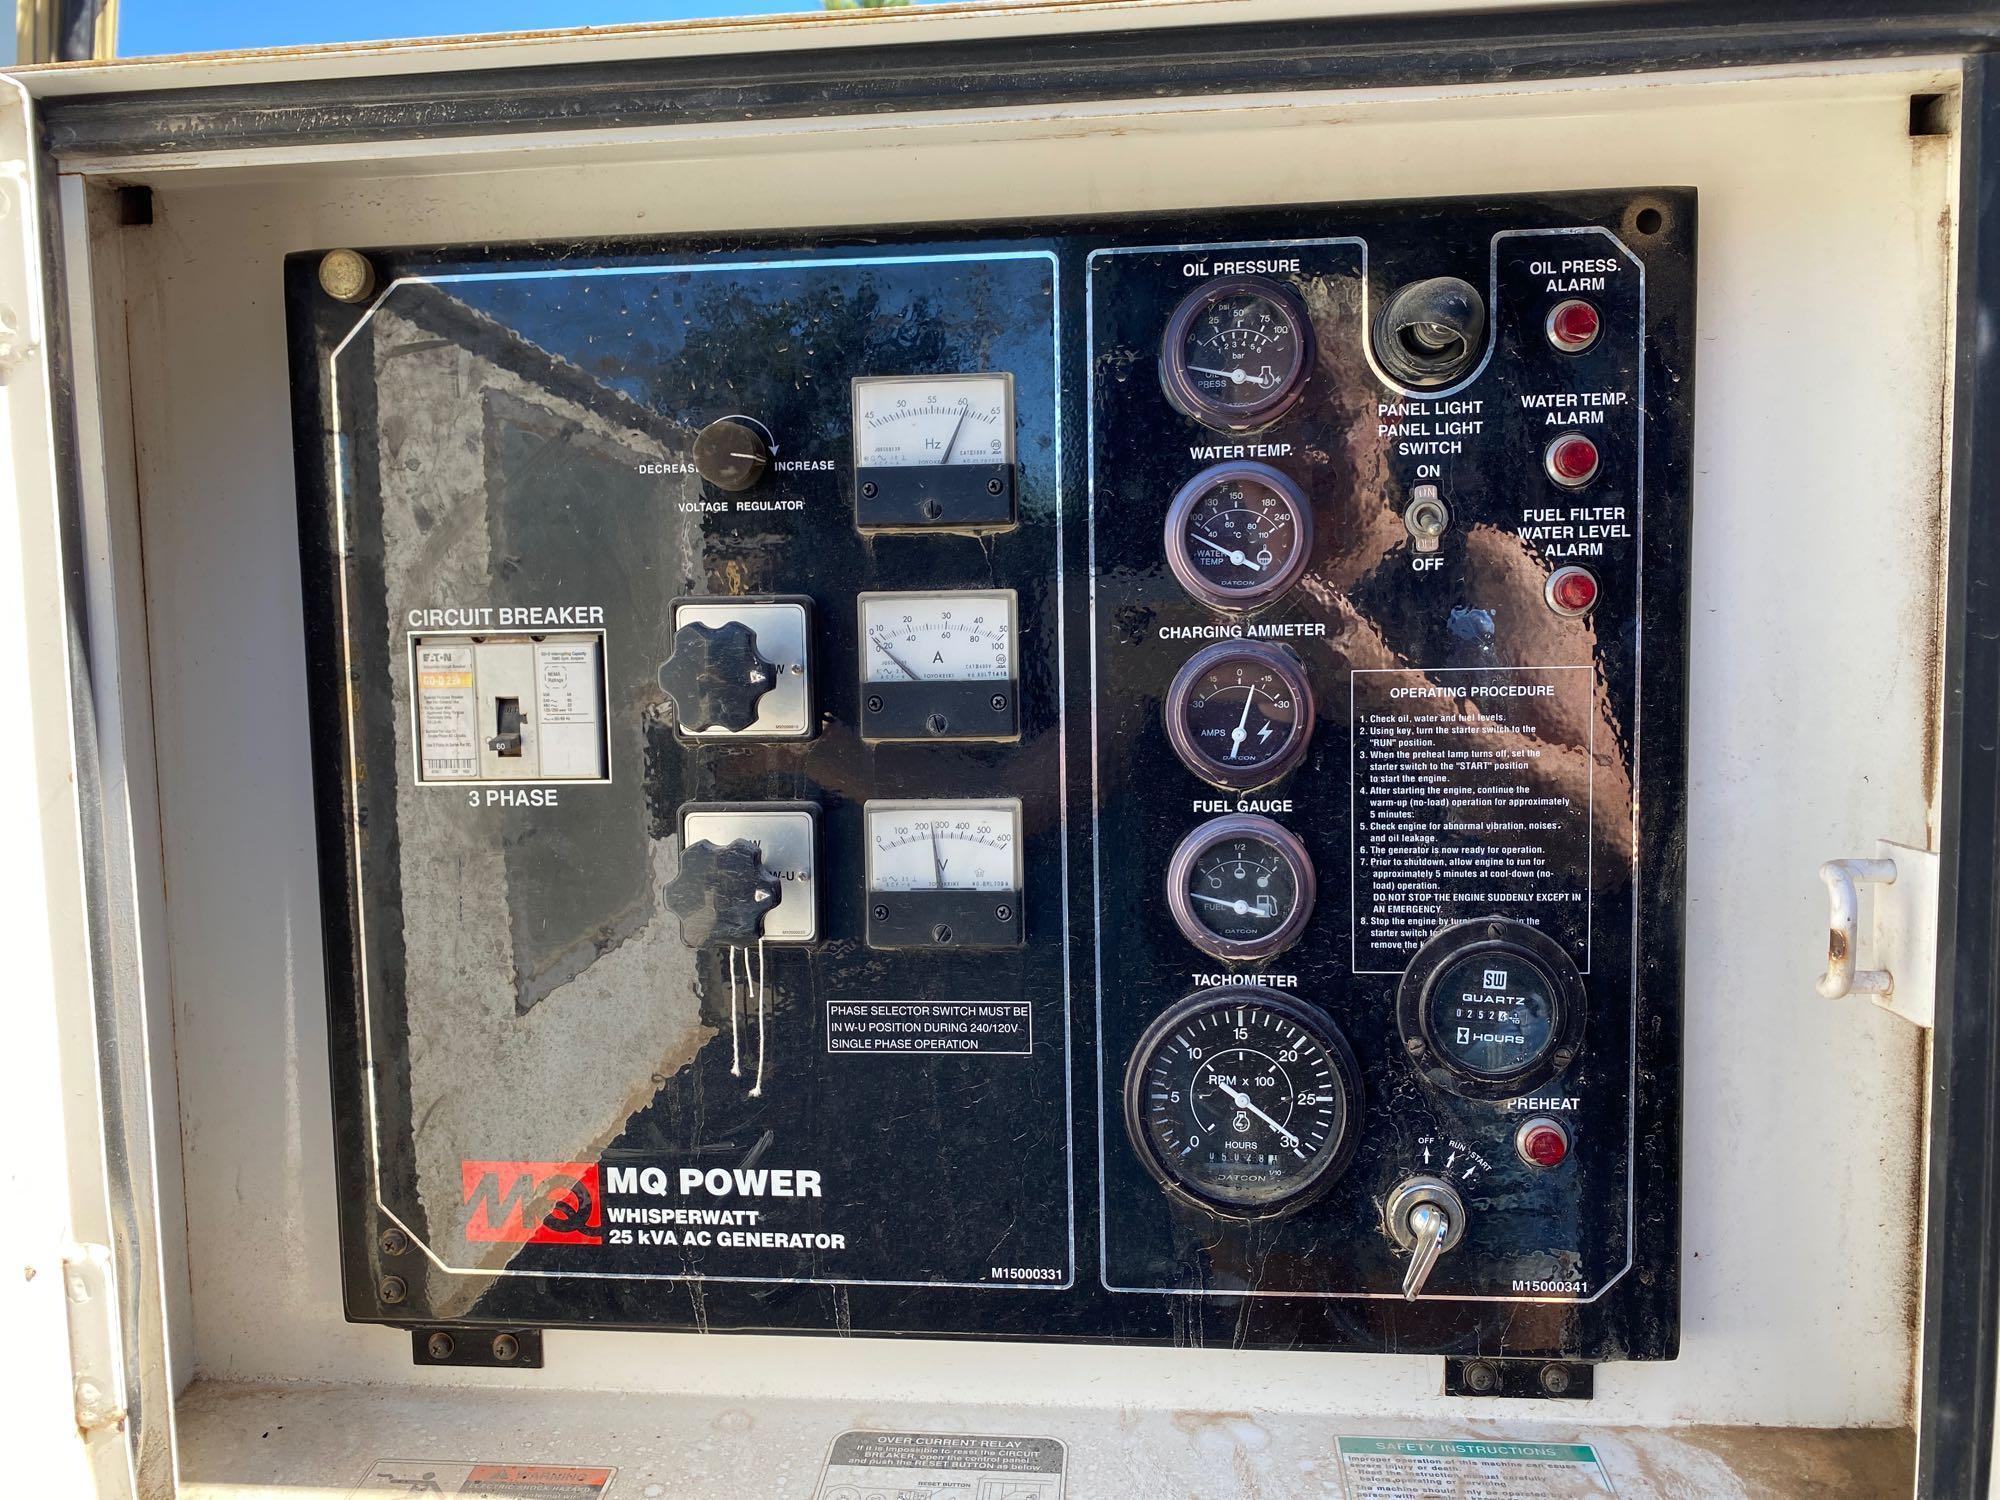 2011/2012 WHISPERWATT MQ POWER DIESEL GENERATOR, TRAILER MOUNTED, 20KW, 25KVA, RUNS AND OPERATES - Image 17 of 20